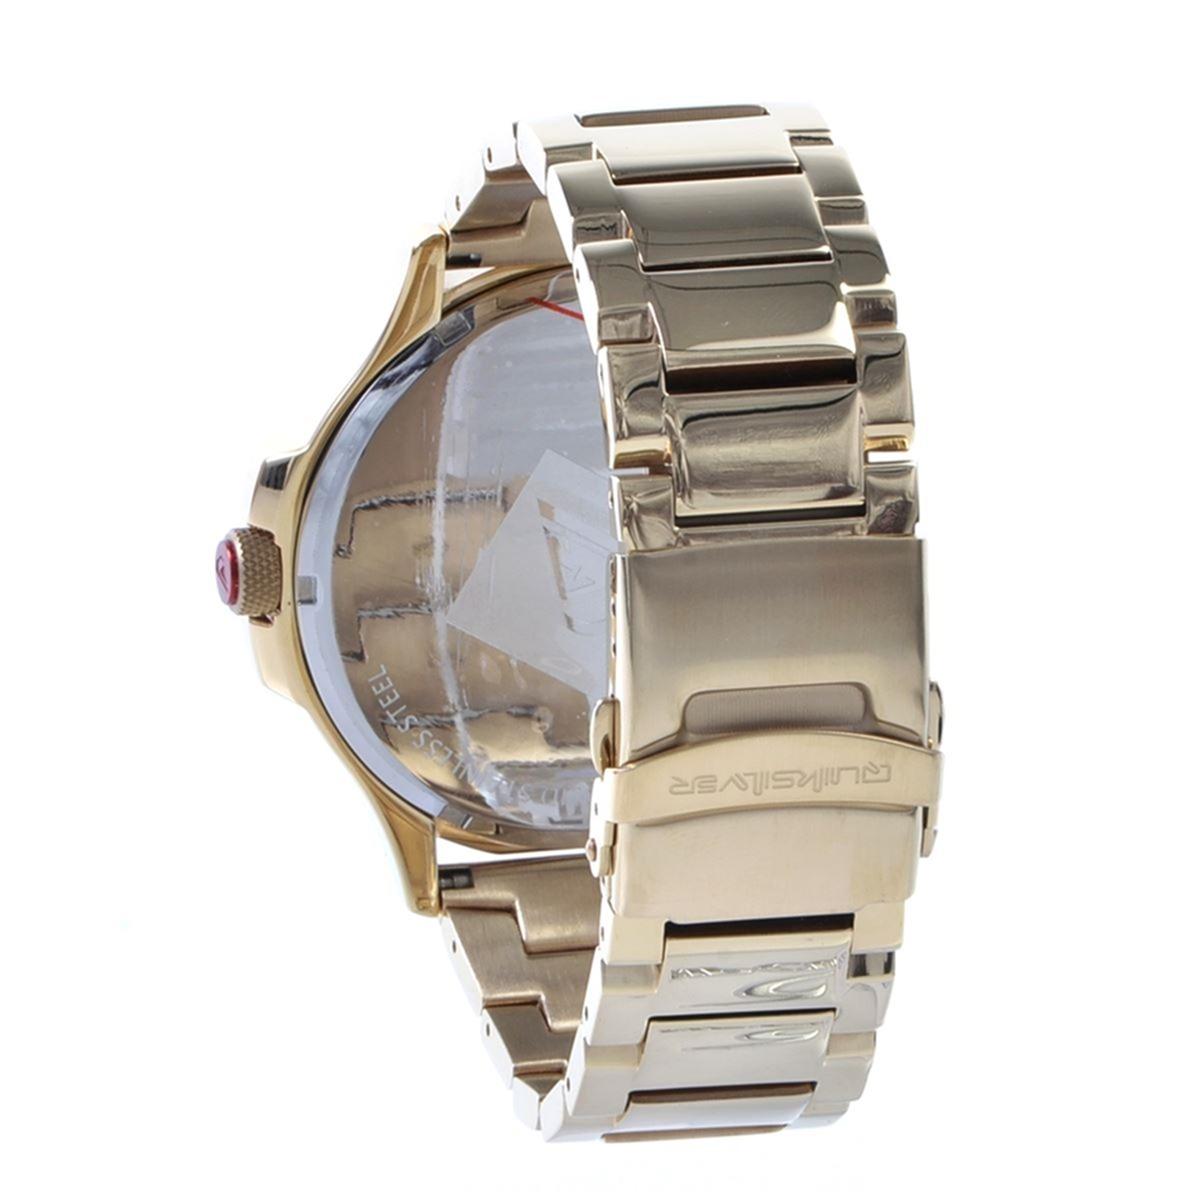 1d91bec04d6 relógio quiksilver beluka gold black. Carregando zoom.